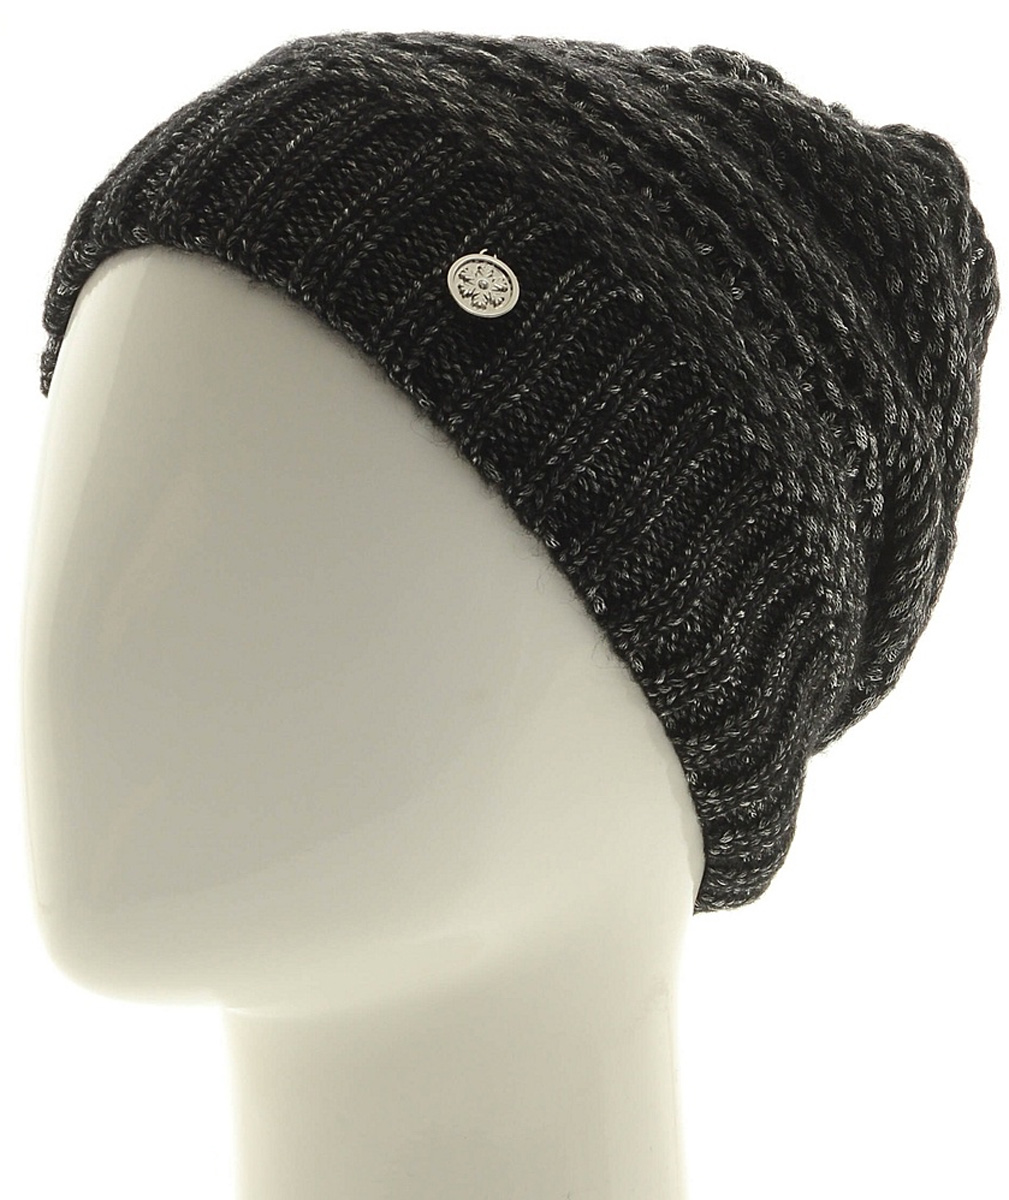 Шапка женская Marhatter, цвет: черный. Размер 56/58. MWH6756/2MWH6756/2Теплая шапка из высококачественной пряжи. Практичный и стильный вариант, который идеально дополнит ваш современный образ. Изделие оформлено оригинальным узором.